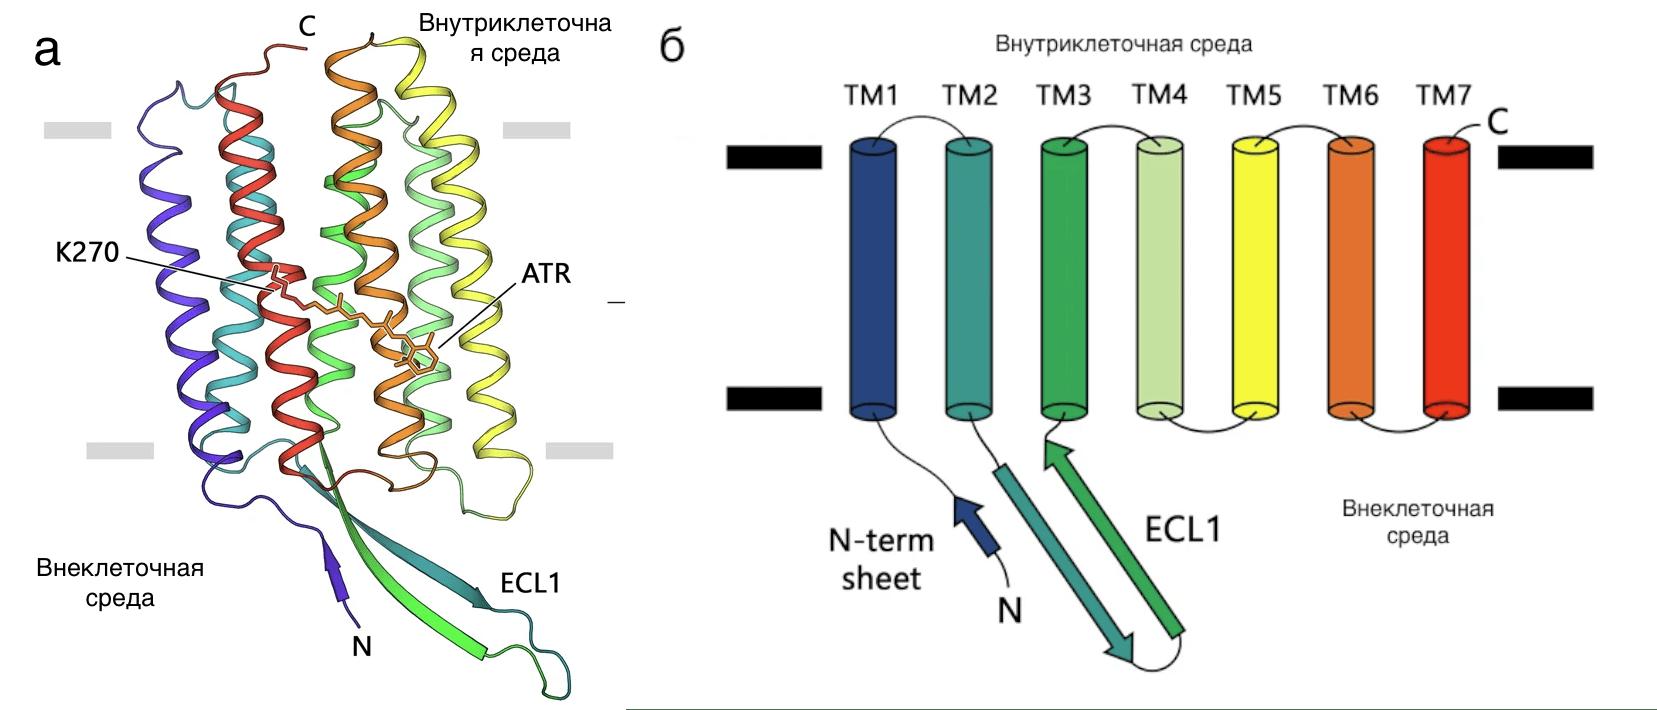 Светочувствительные белки архей и эукариот оказались родственниками